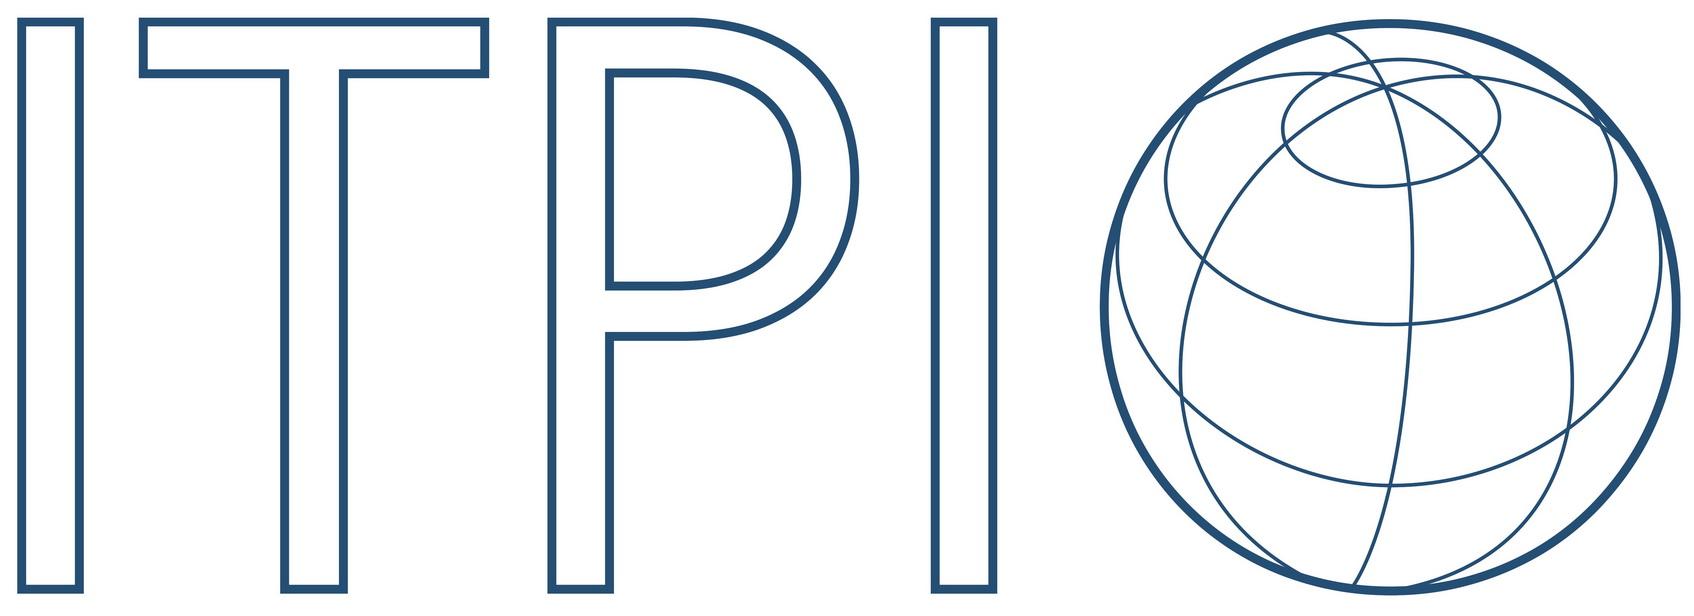 Institute for Training of Personnel in International Organisations (ITPIO), Bulgaria's logo